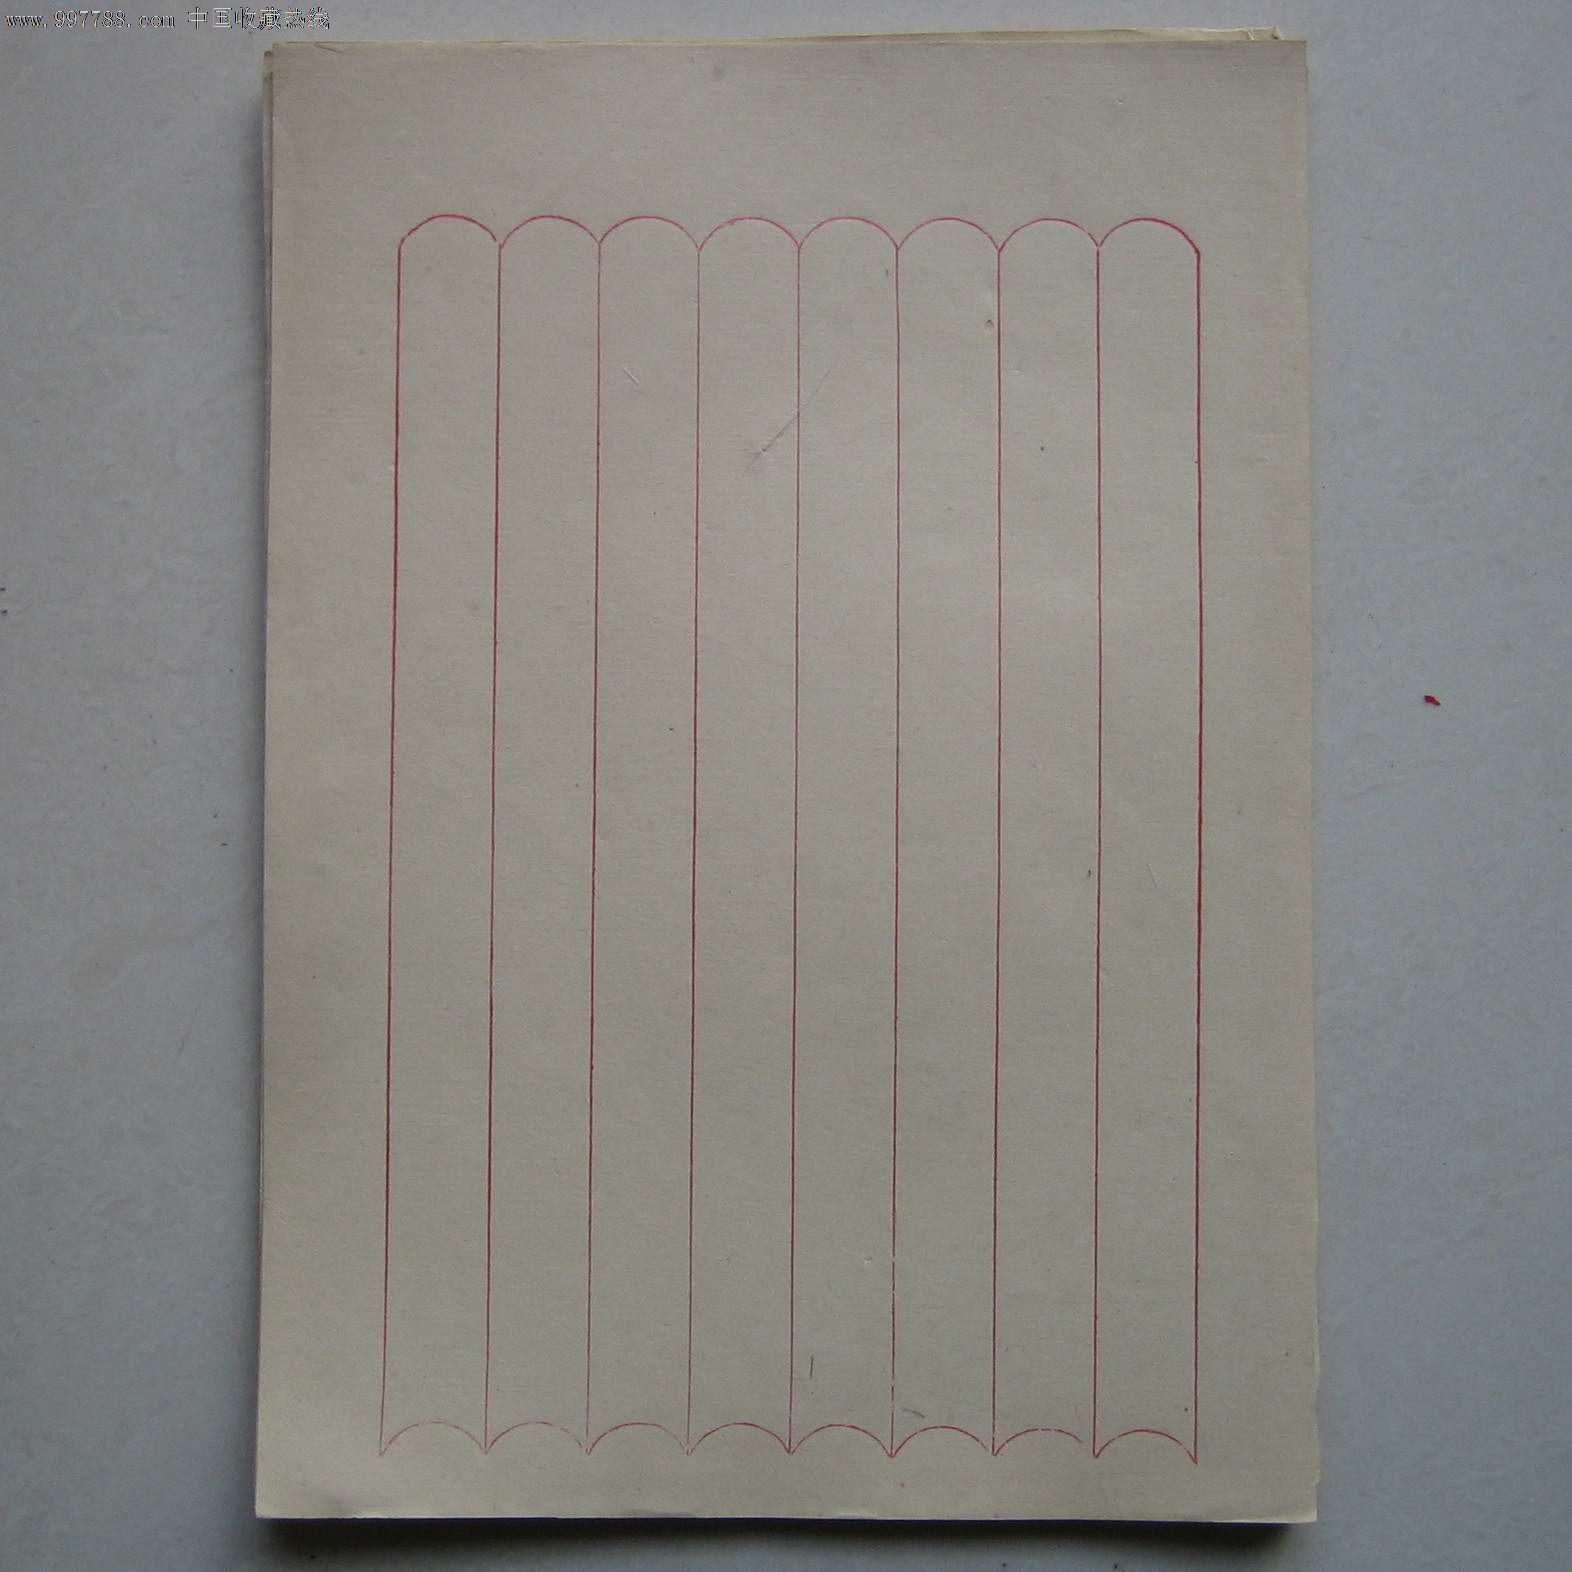 民国老信笺纸29张,长24.7厘米,宽17.5厘米-信纸--se图片